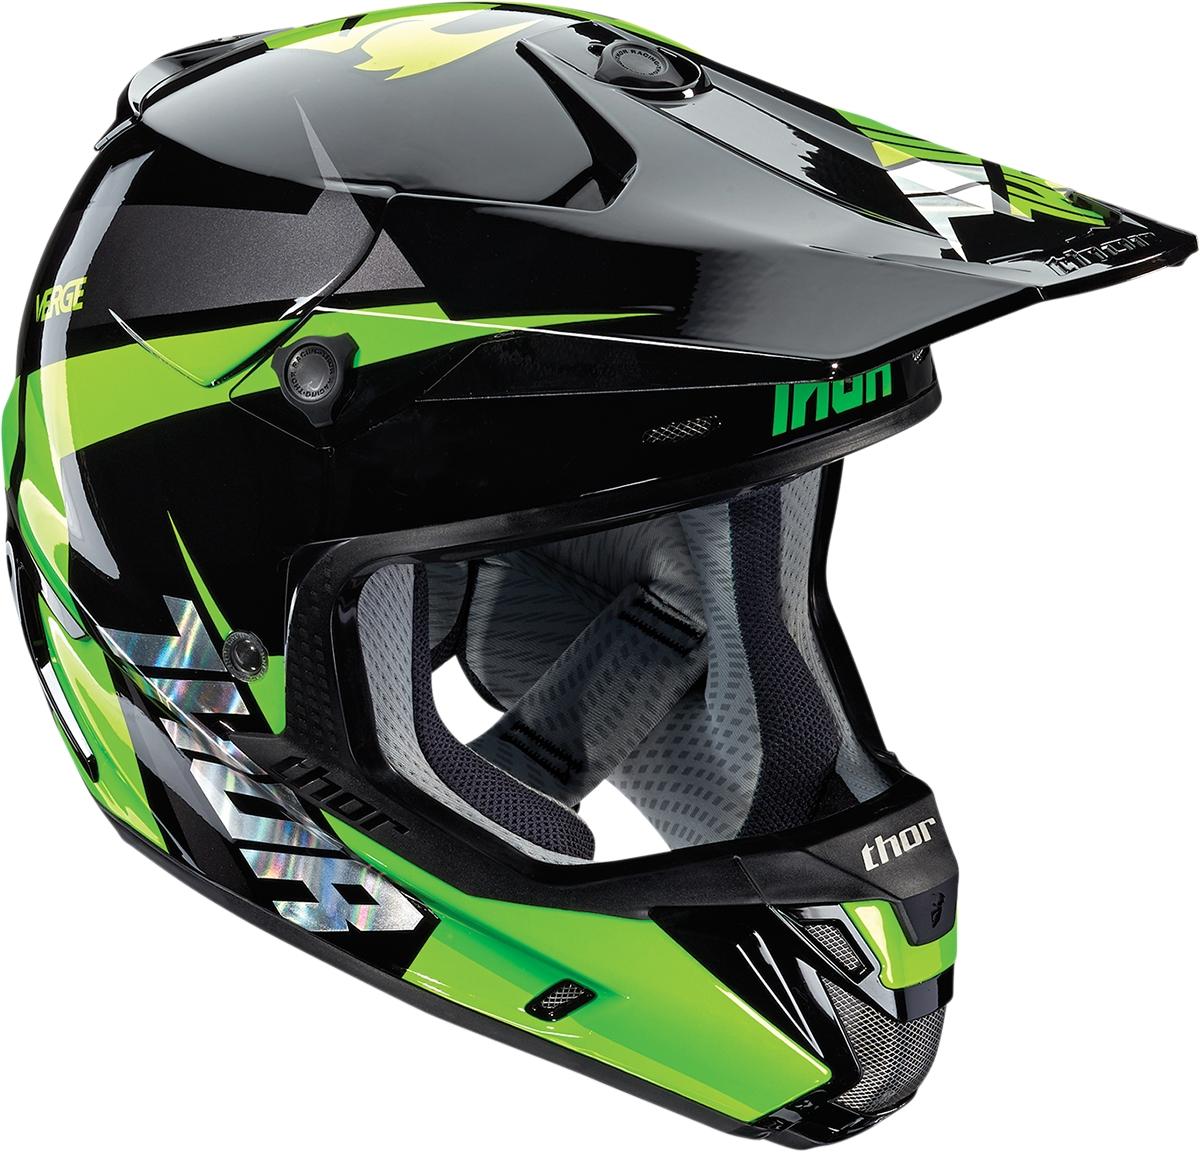 Thor S6 Verge Rebound Helmet